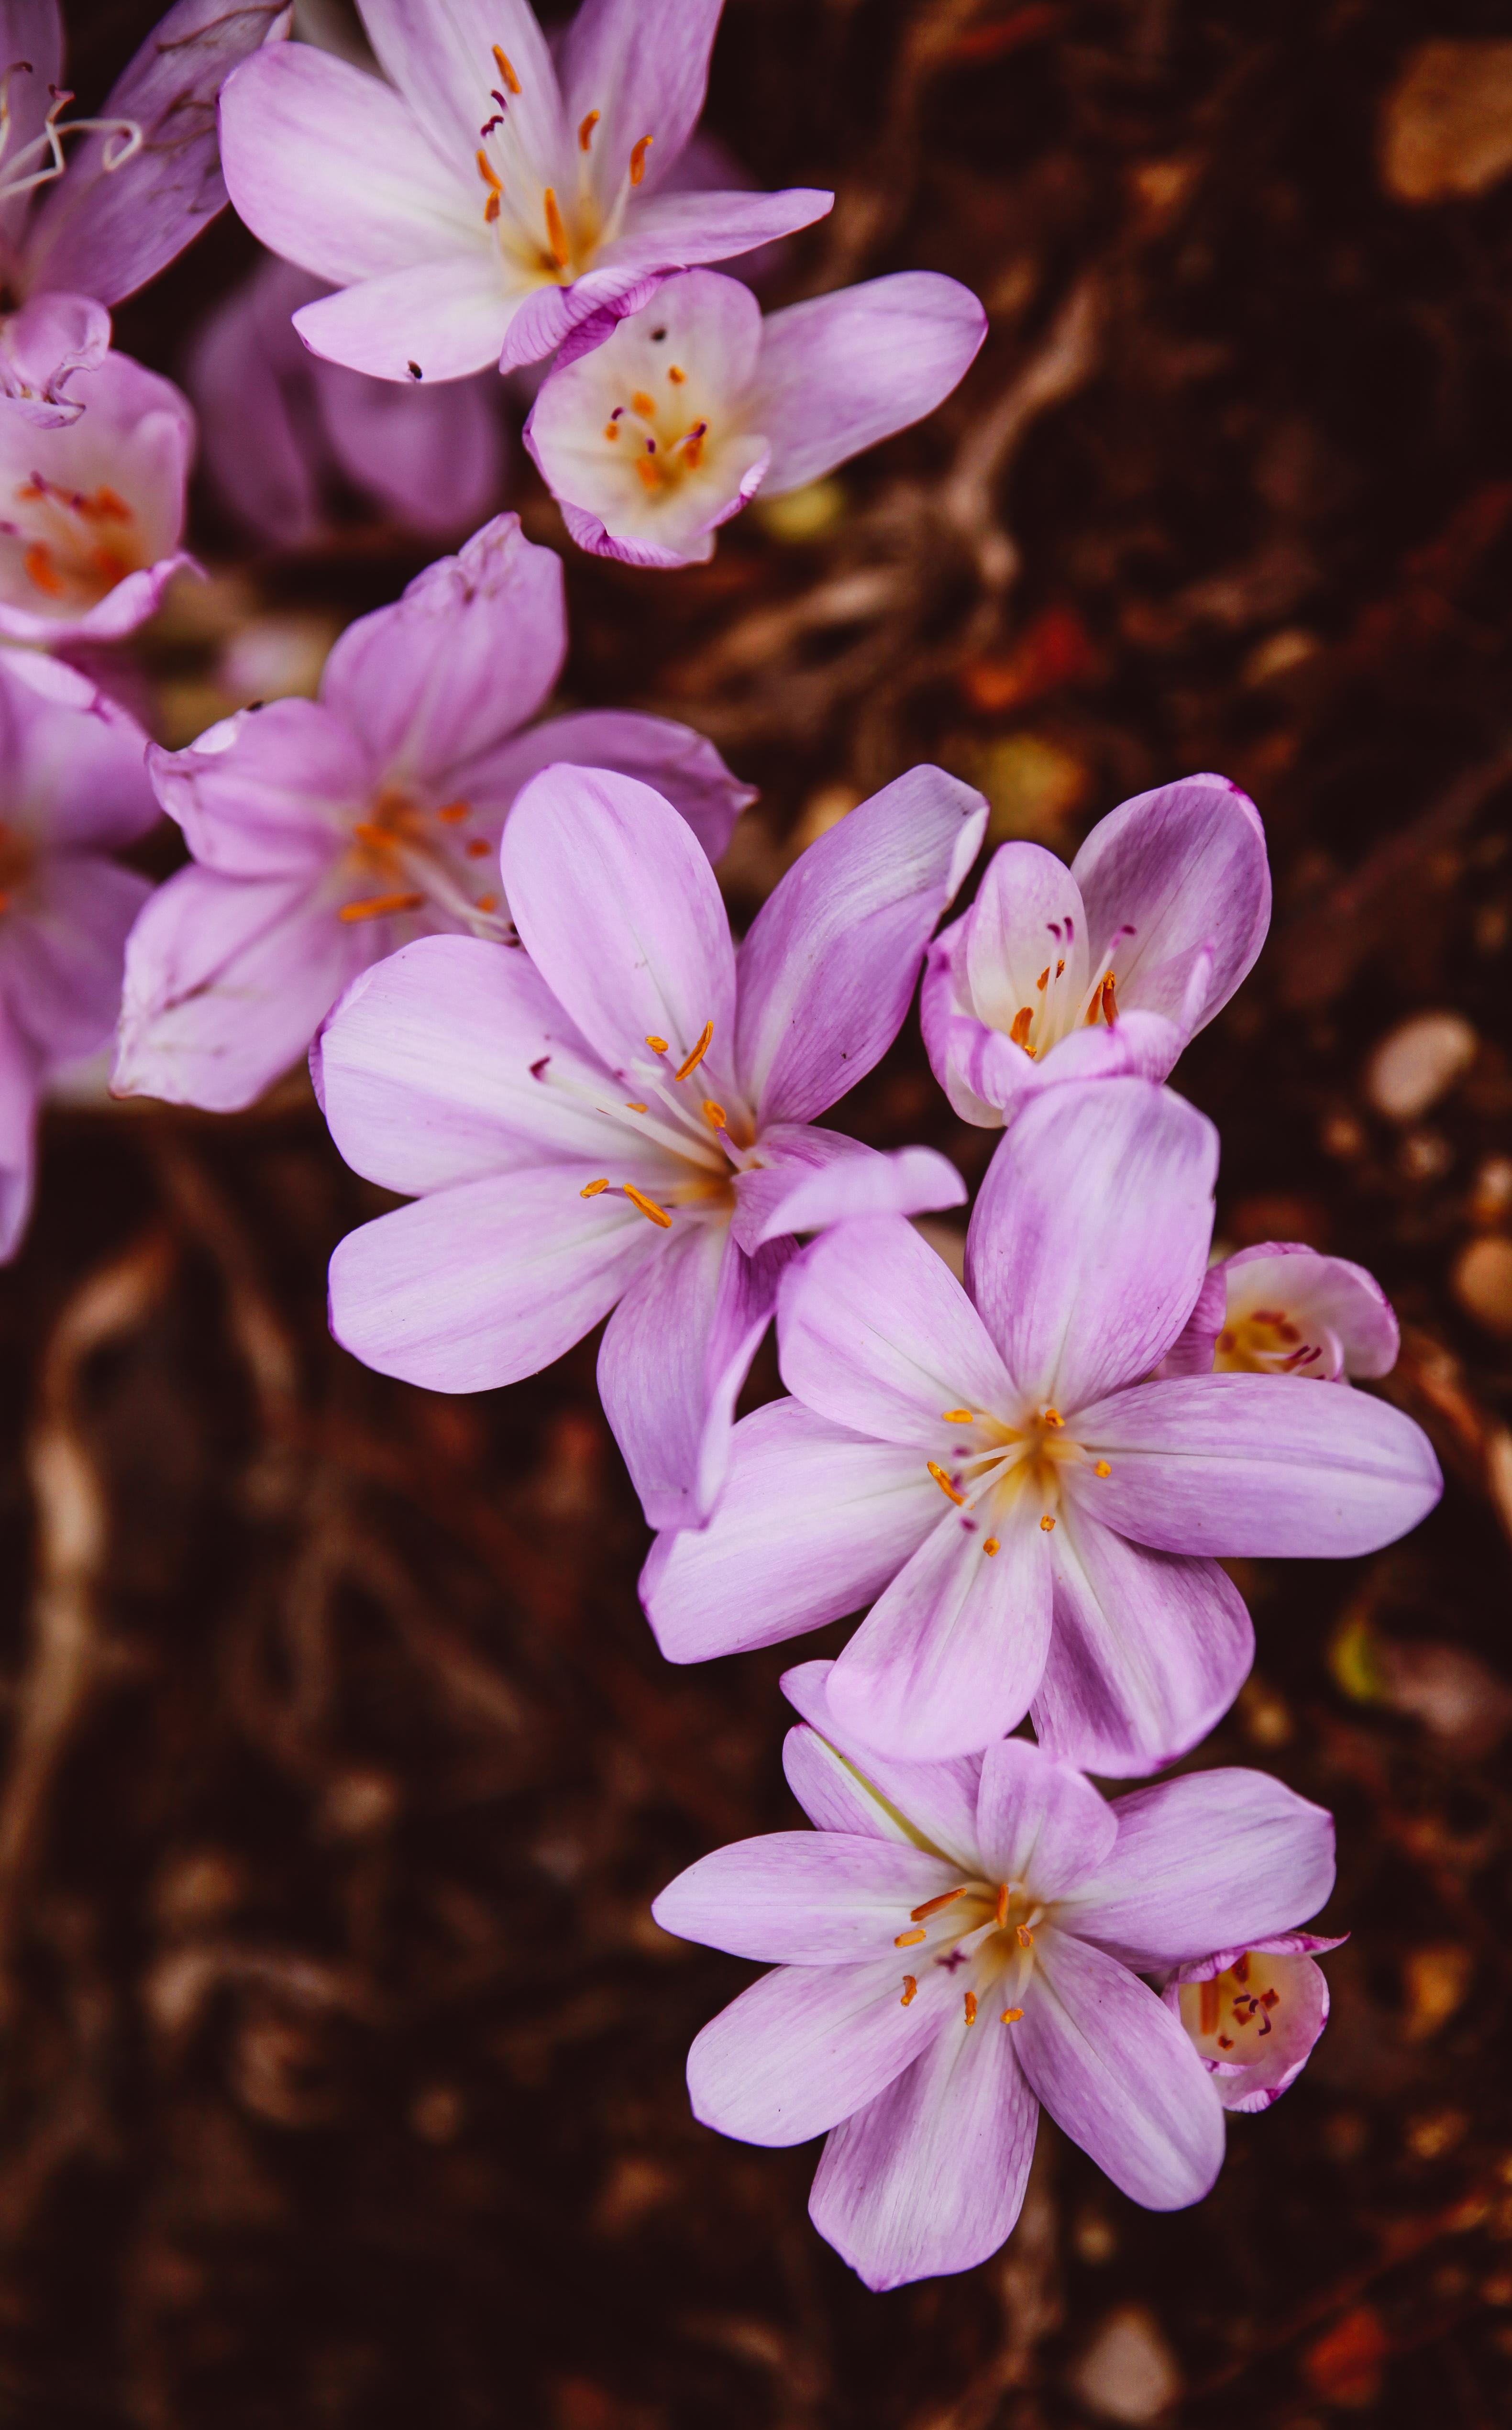 104008 скачать обои Цветы, Шафран, Крокус, Цветок, Цветущий, Сад, Розовый - заставки и картинки бесплатно